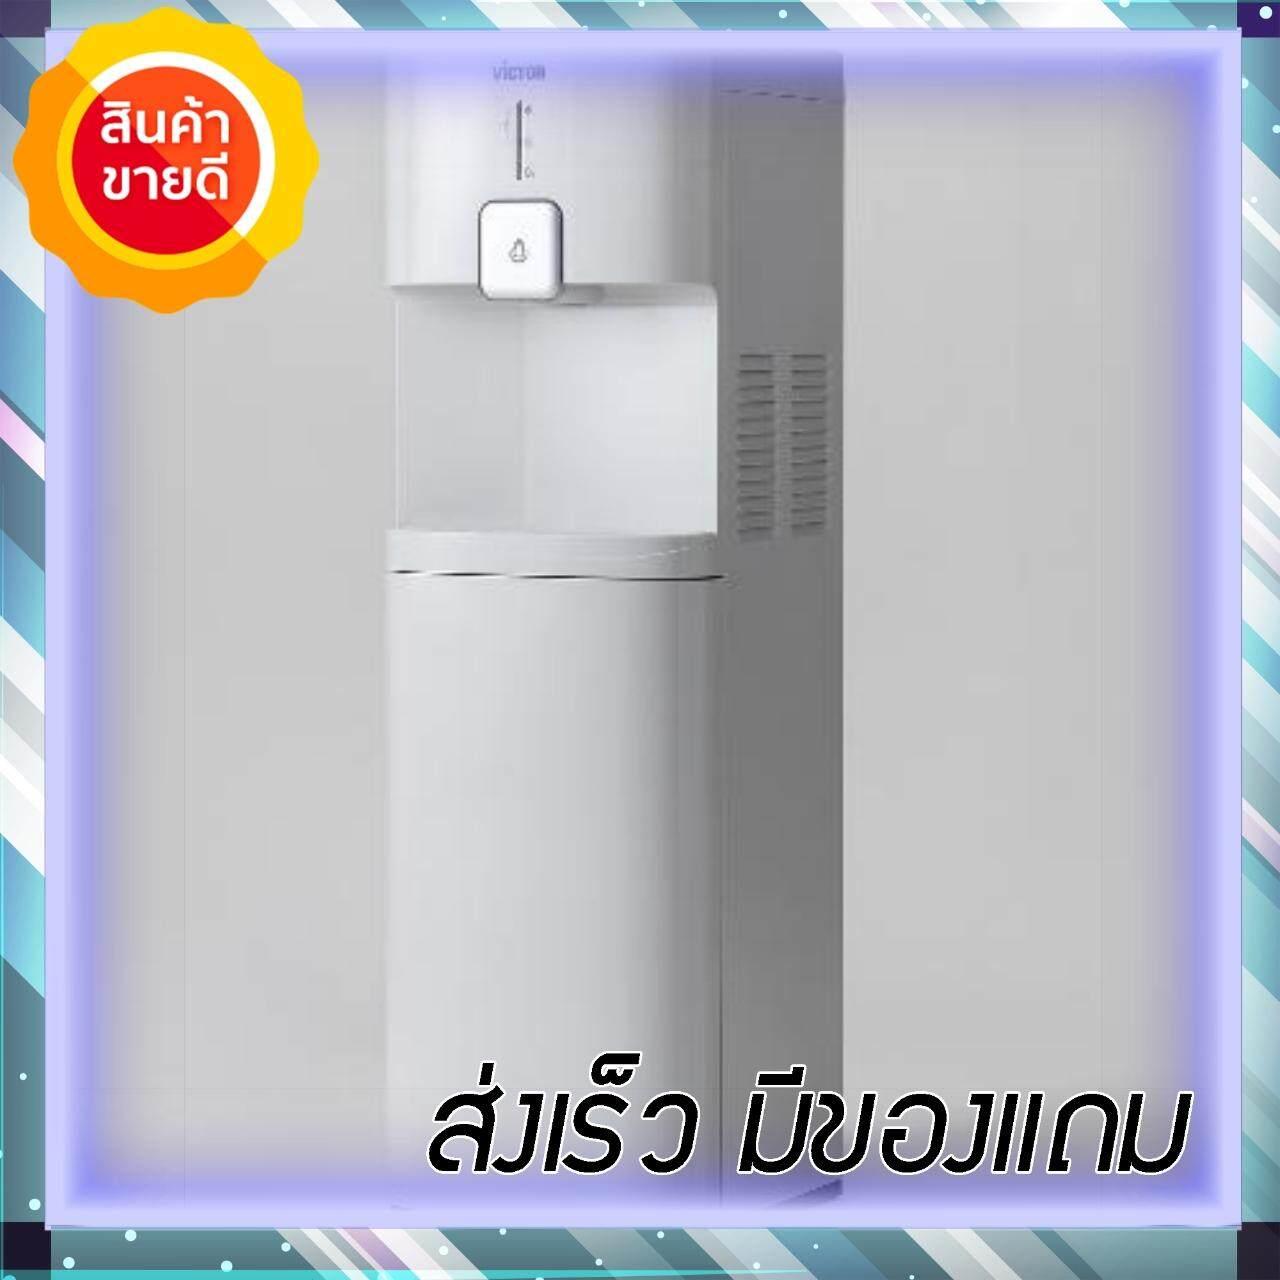 ((มีสินค้า)) Victor ตู้ทำน้ำร้อน-เย็น พลาสติก 3 ก๊อก พร้อมถังเก็บน้ำด้านล่าง VT-2365B ตู้เย็นเล็ก ตู้เย็นมินิ ตู้เย็น 1 ประตู ตู้เย็นพกพก ตู้เย็นในรถ ตู้เย็นhitachi ตู้เย็นmitsubishi ตู้เย็น ราคา ตู้ เย็น ตู้ เย็น เล็ก ตู้ เย็น ราคา ตู้ แช่ แข็ง ตู้ เย็